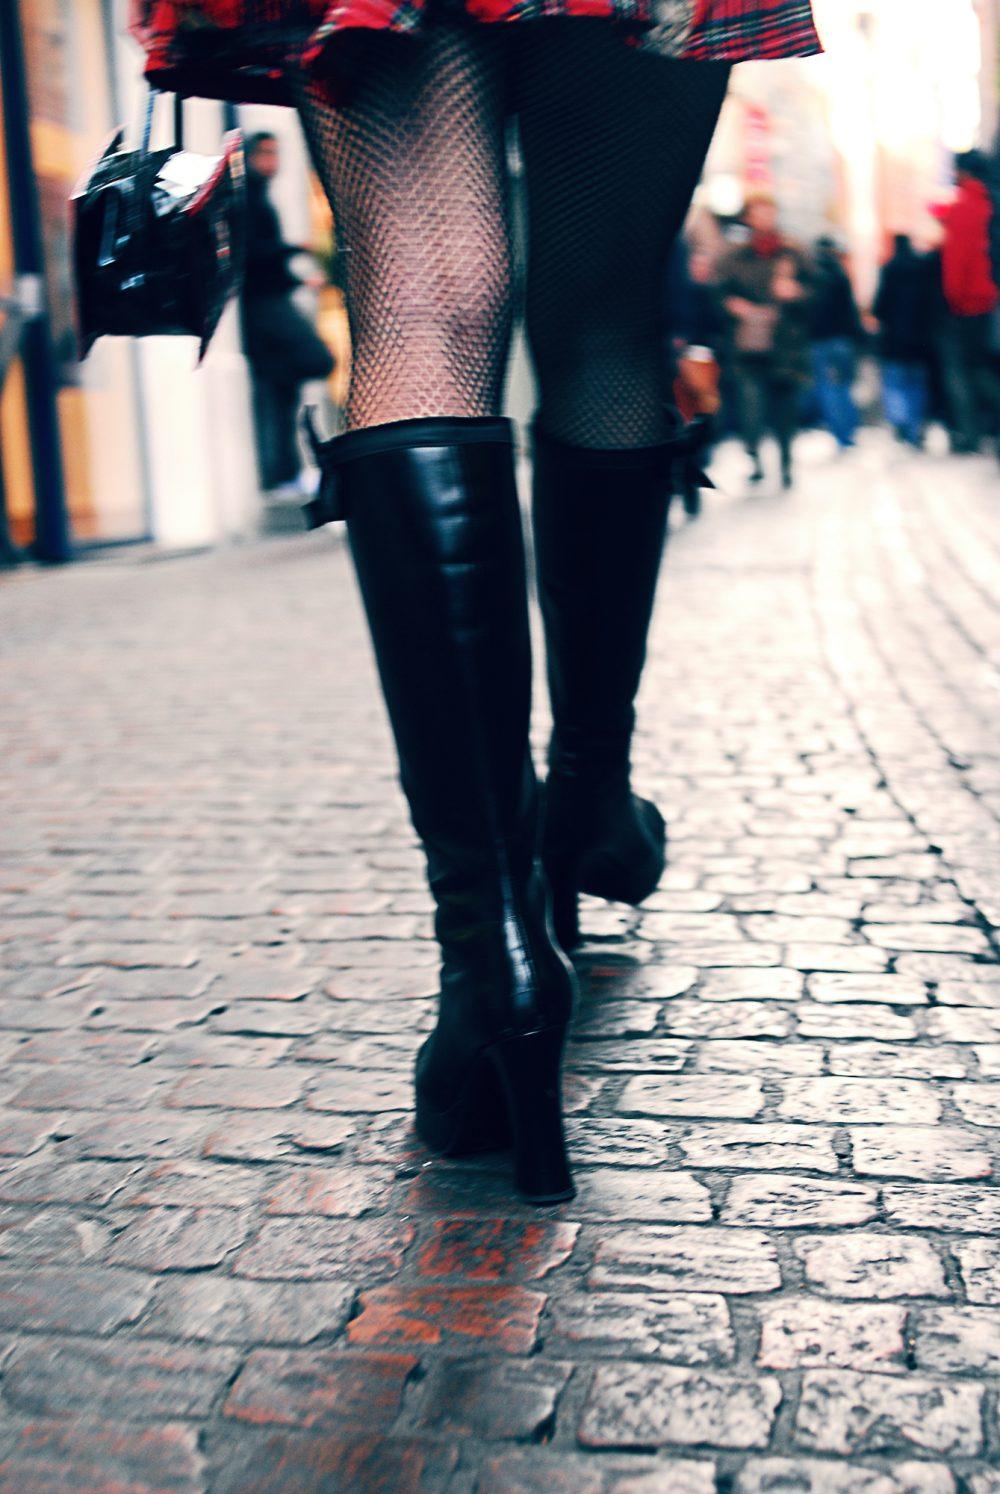 Photo des bottes d'une femme aux bas filet / Photographie de mode à Toulouse, France